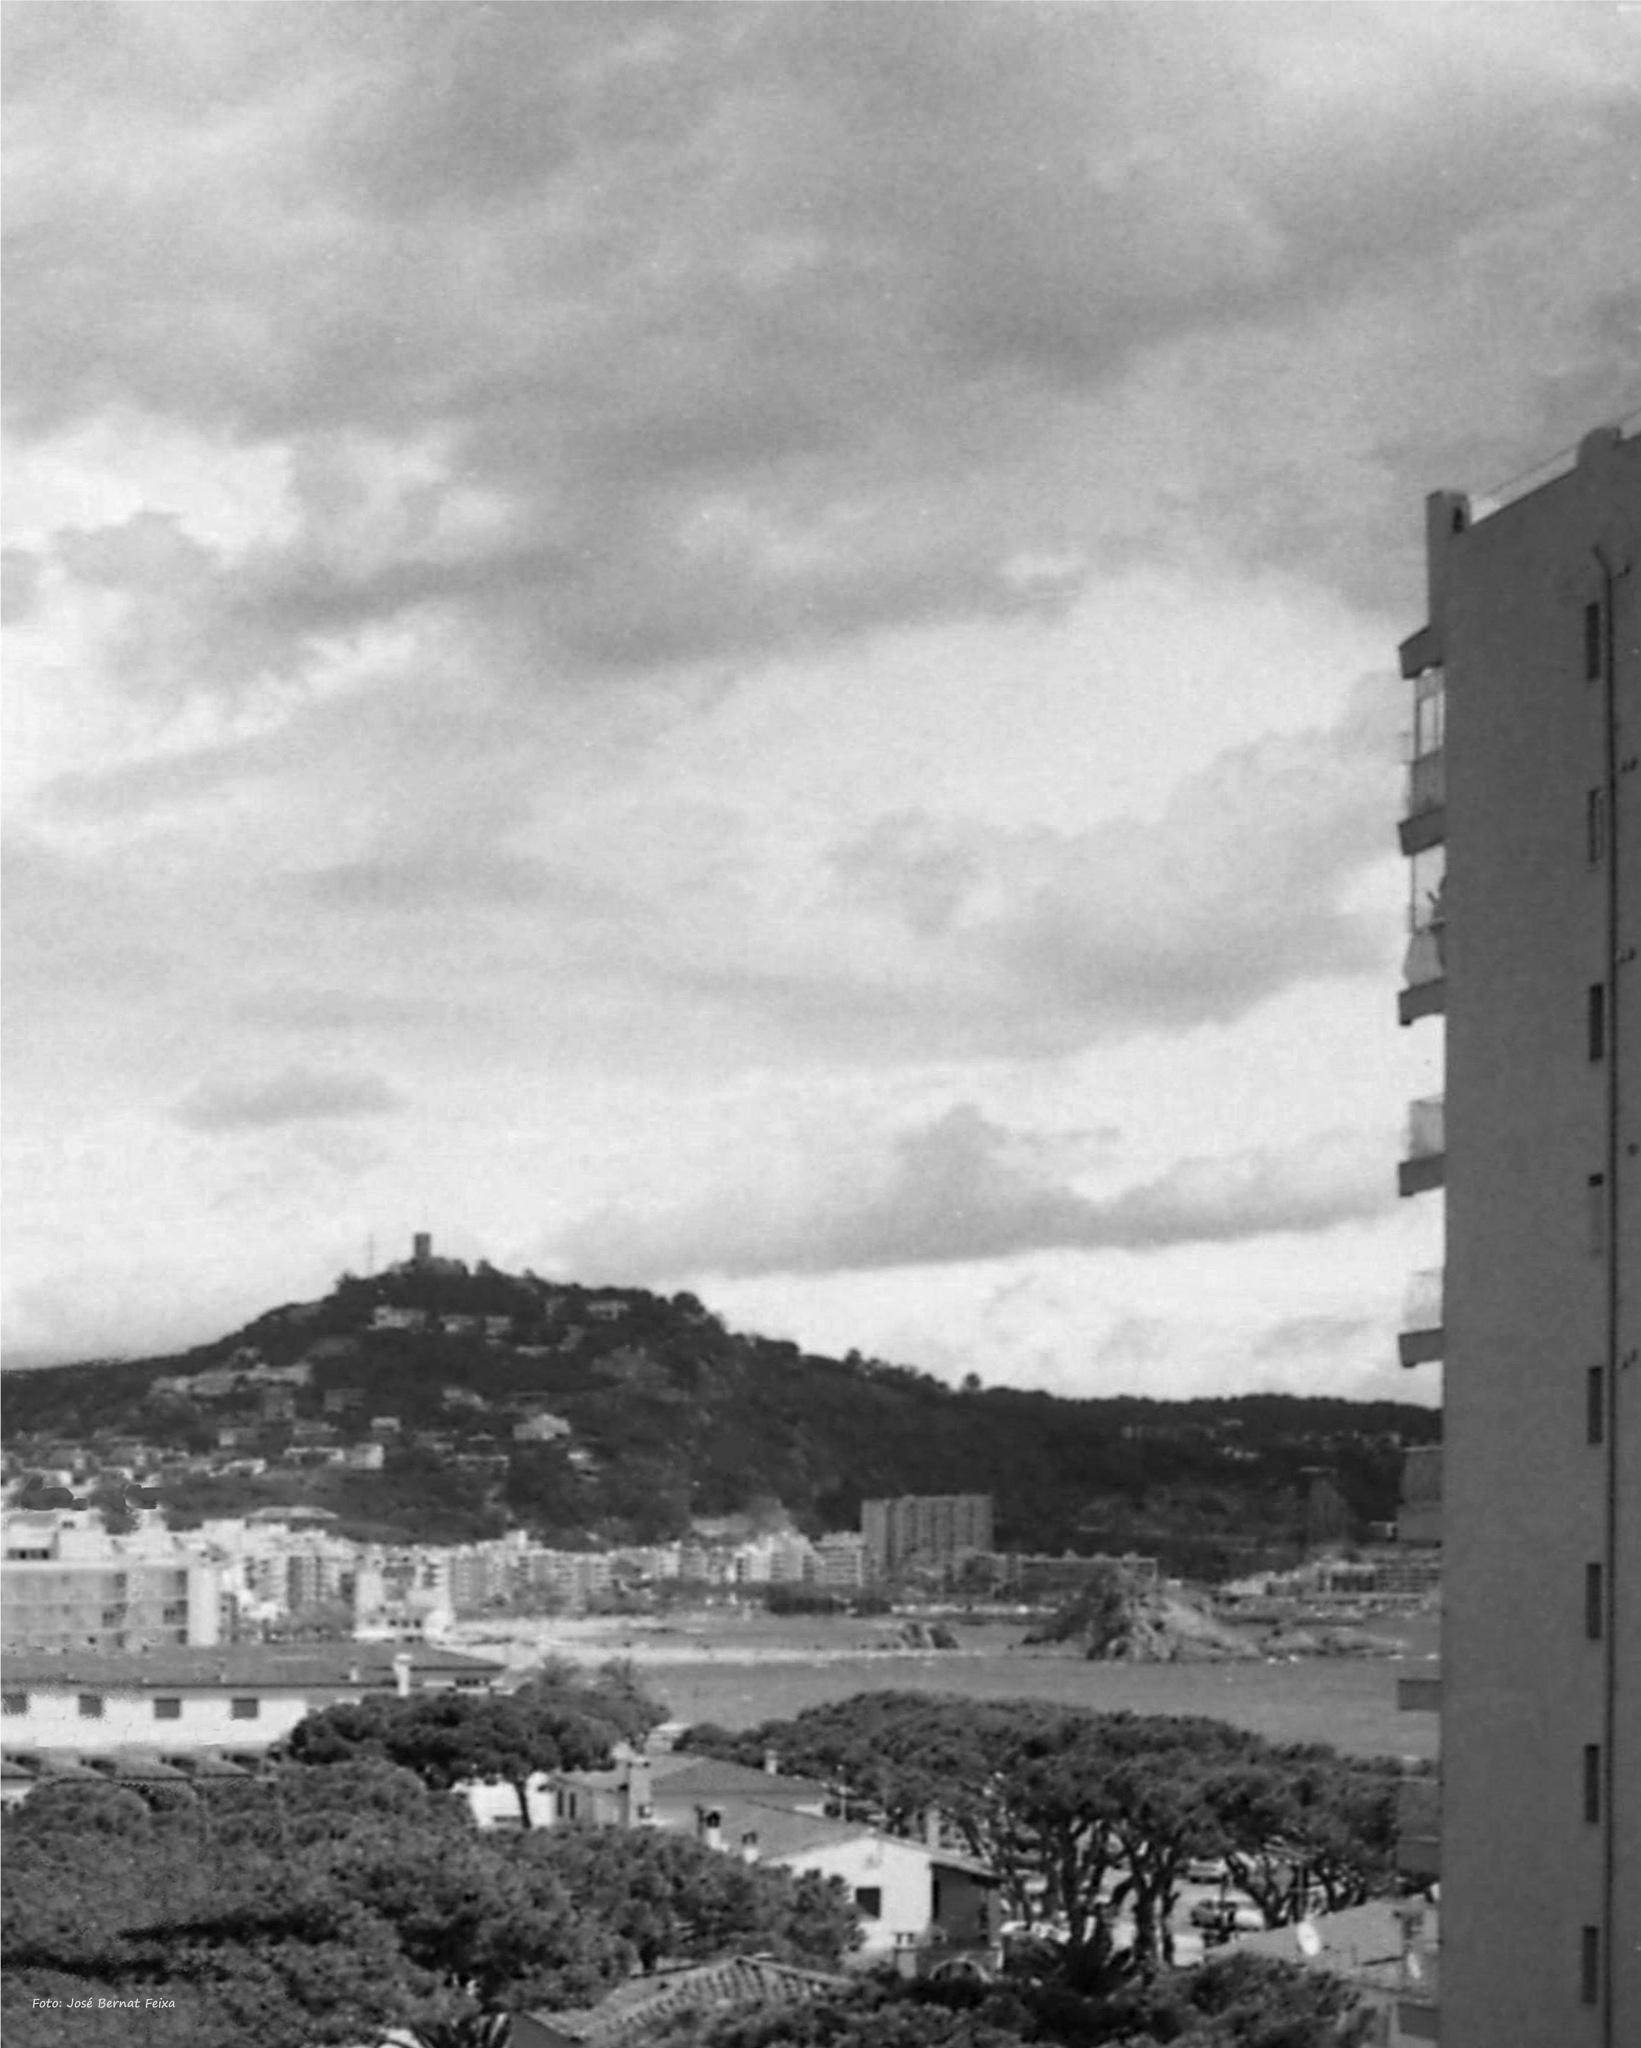 VISTA ; UITZICHT ; VIEW by José Bernat Feixa